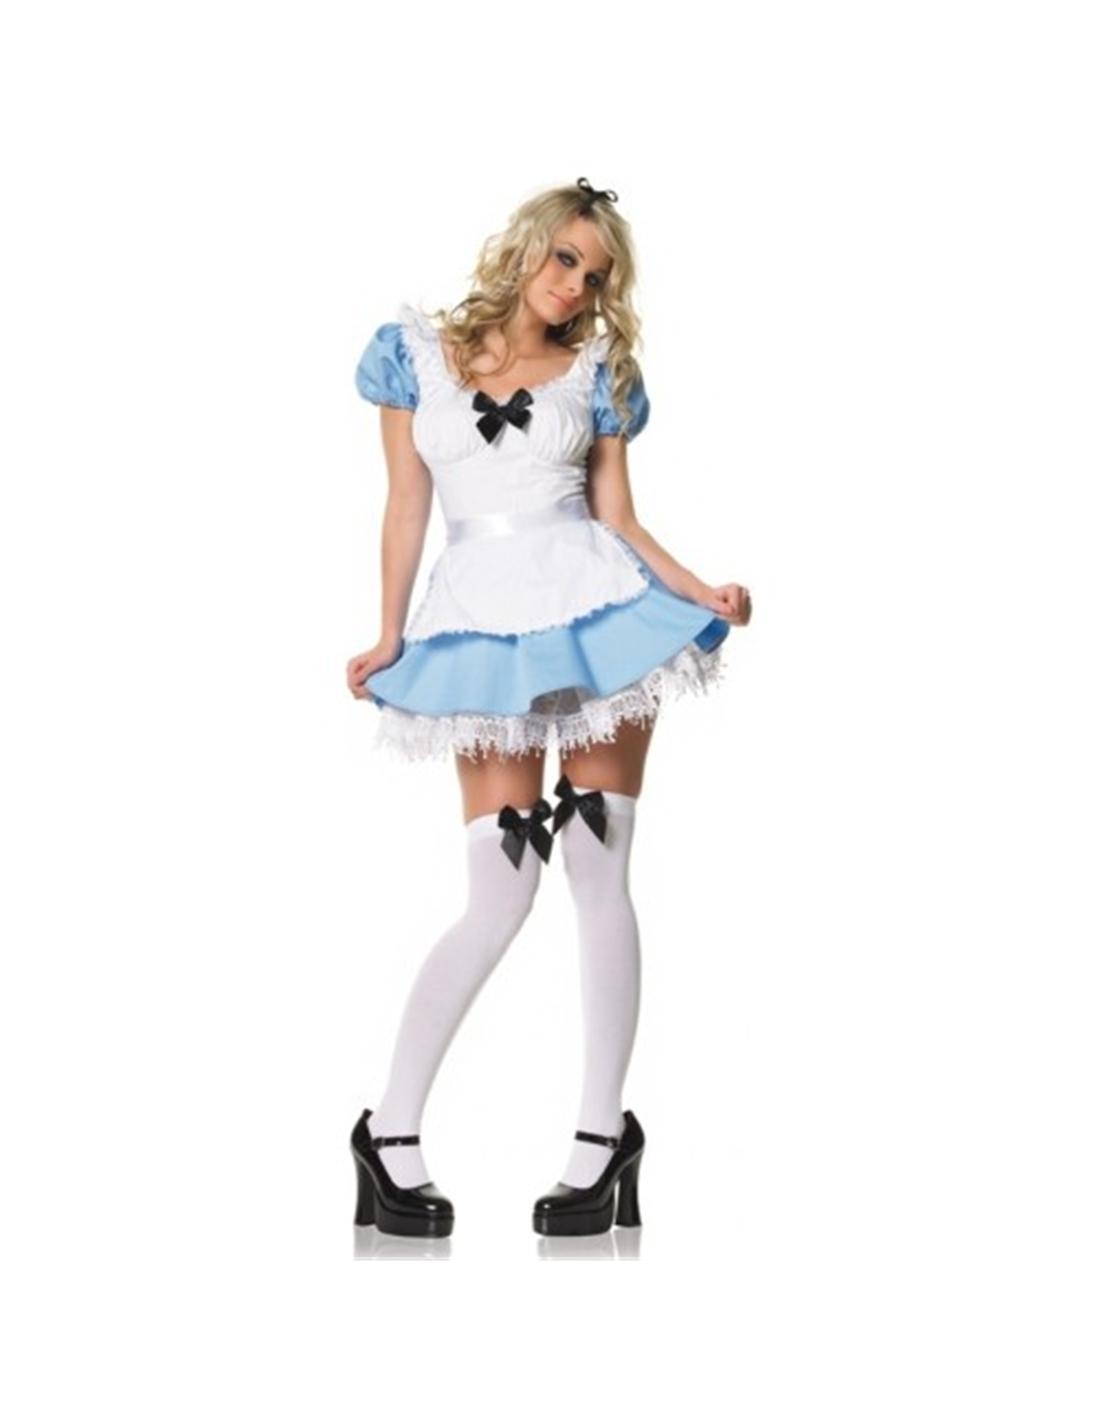 Fantasia De Alice No País Das Maravilhas Blue Alice - 36 S - PR2010304782